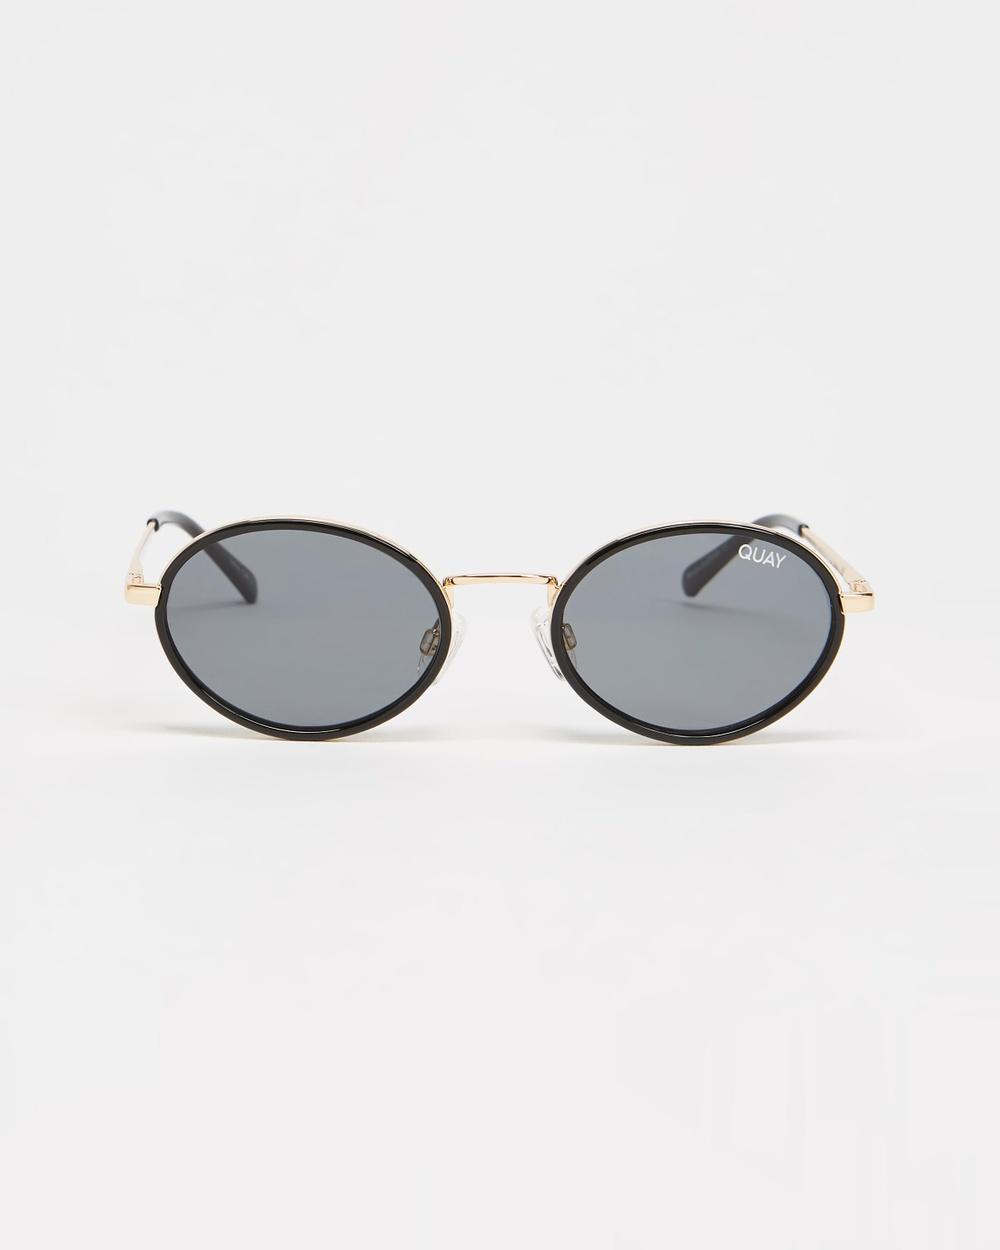 Quay Australia Line Up Sunglasses Black & Smoke Lens